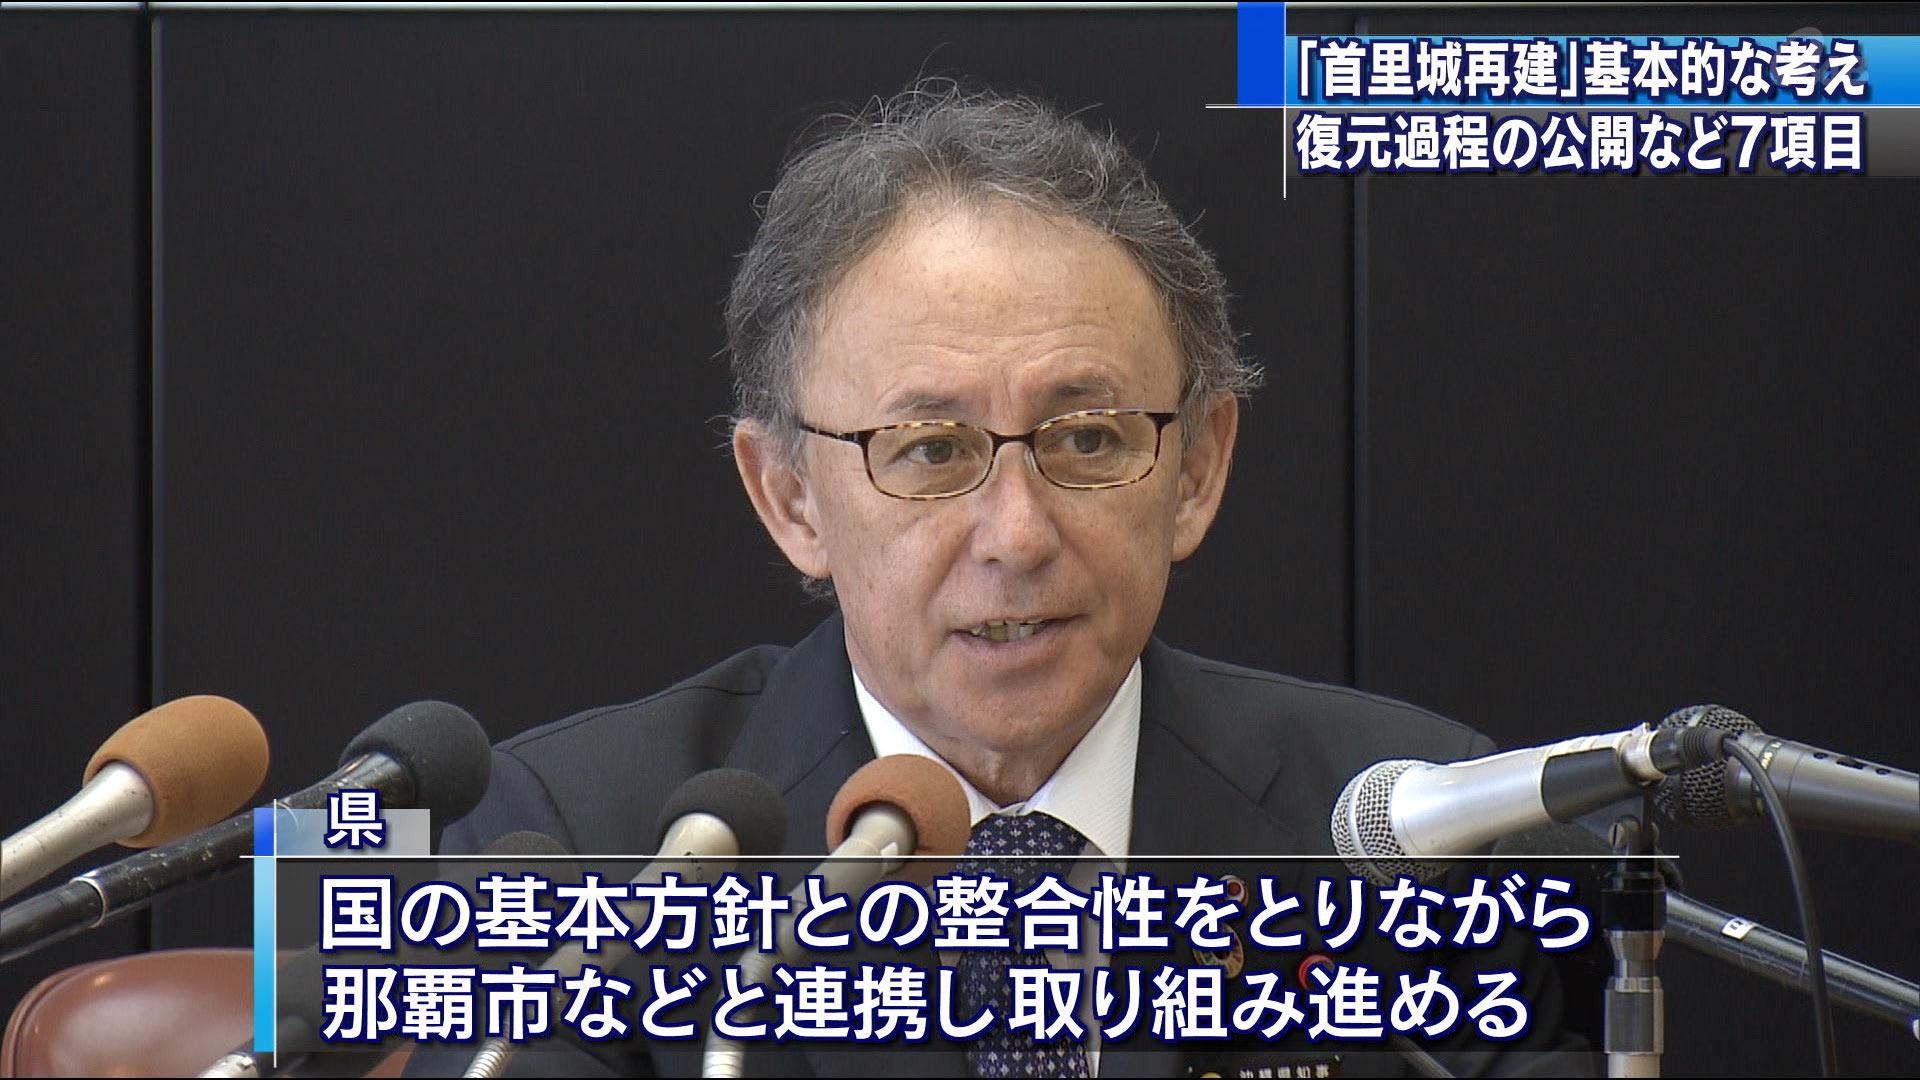 知事、首里城再建に向け県の考え方を発表